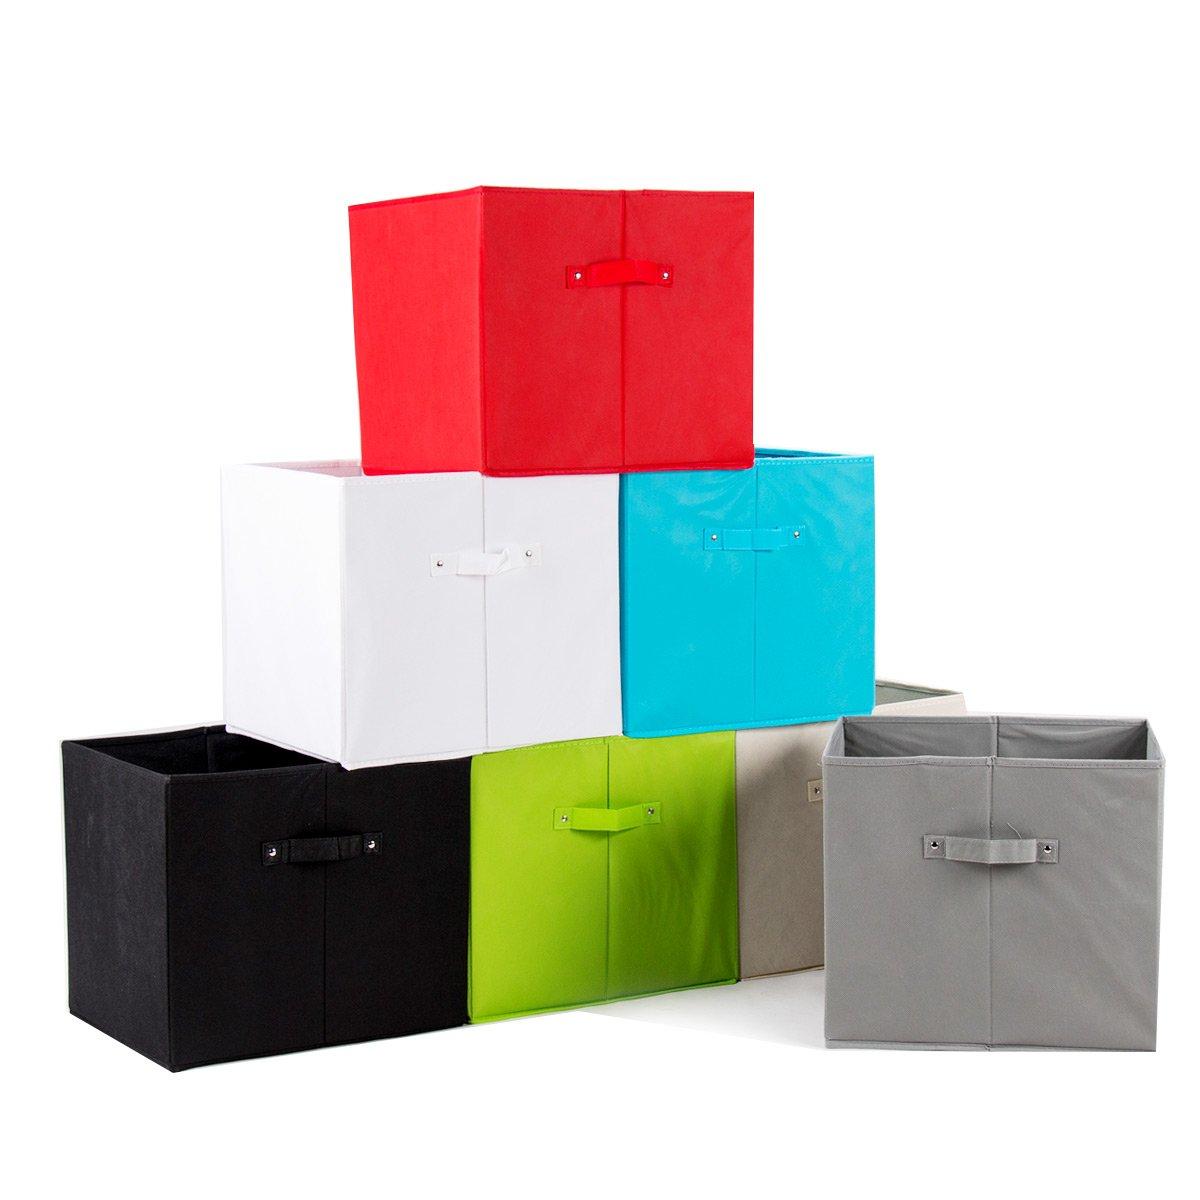 Eine bunte Auswahl von einem Aufbewahrungsbox-Modell